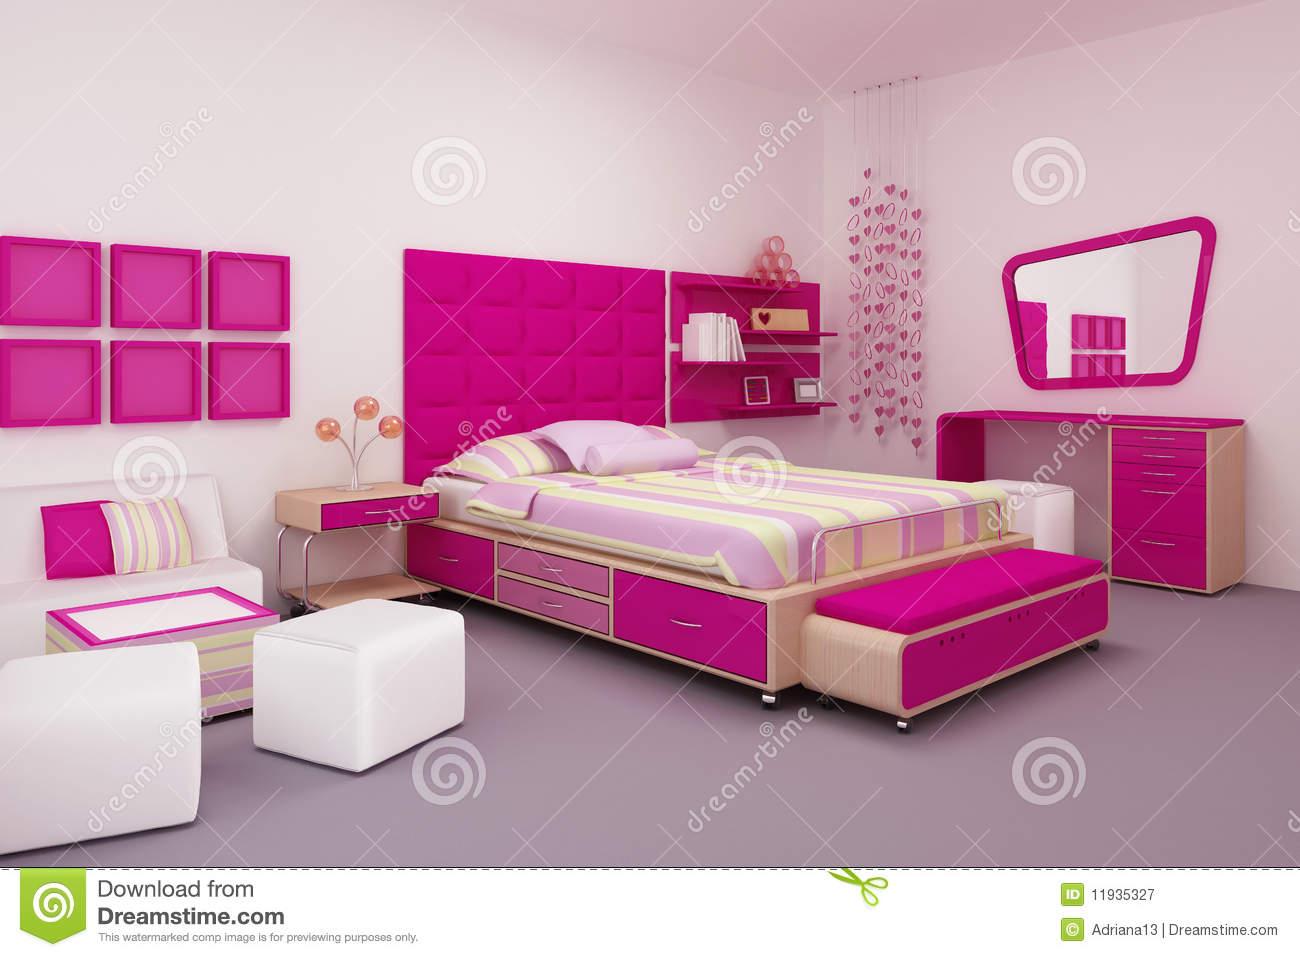 Chambre a coucher pour petite fille ikea - Idées de tricot ...